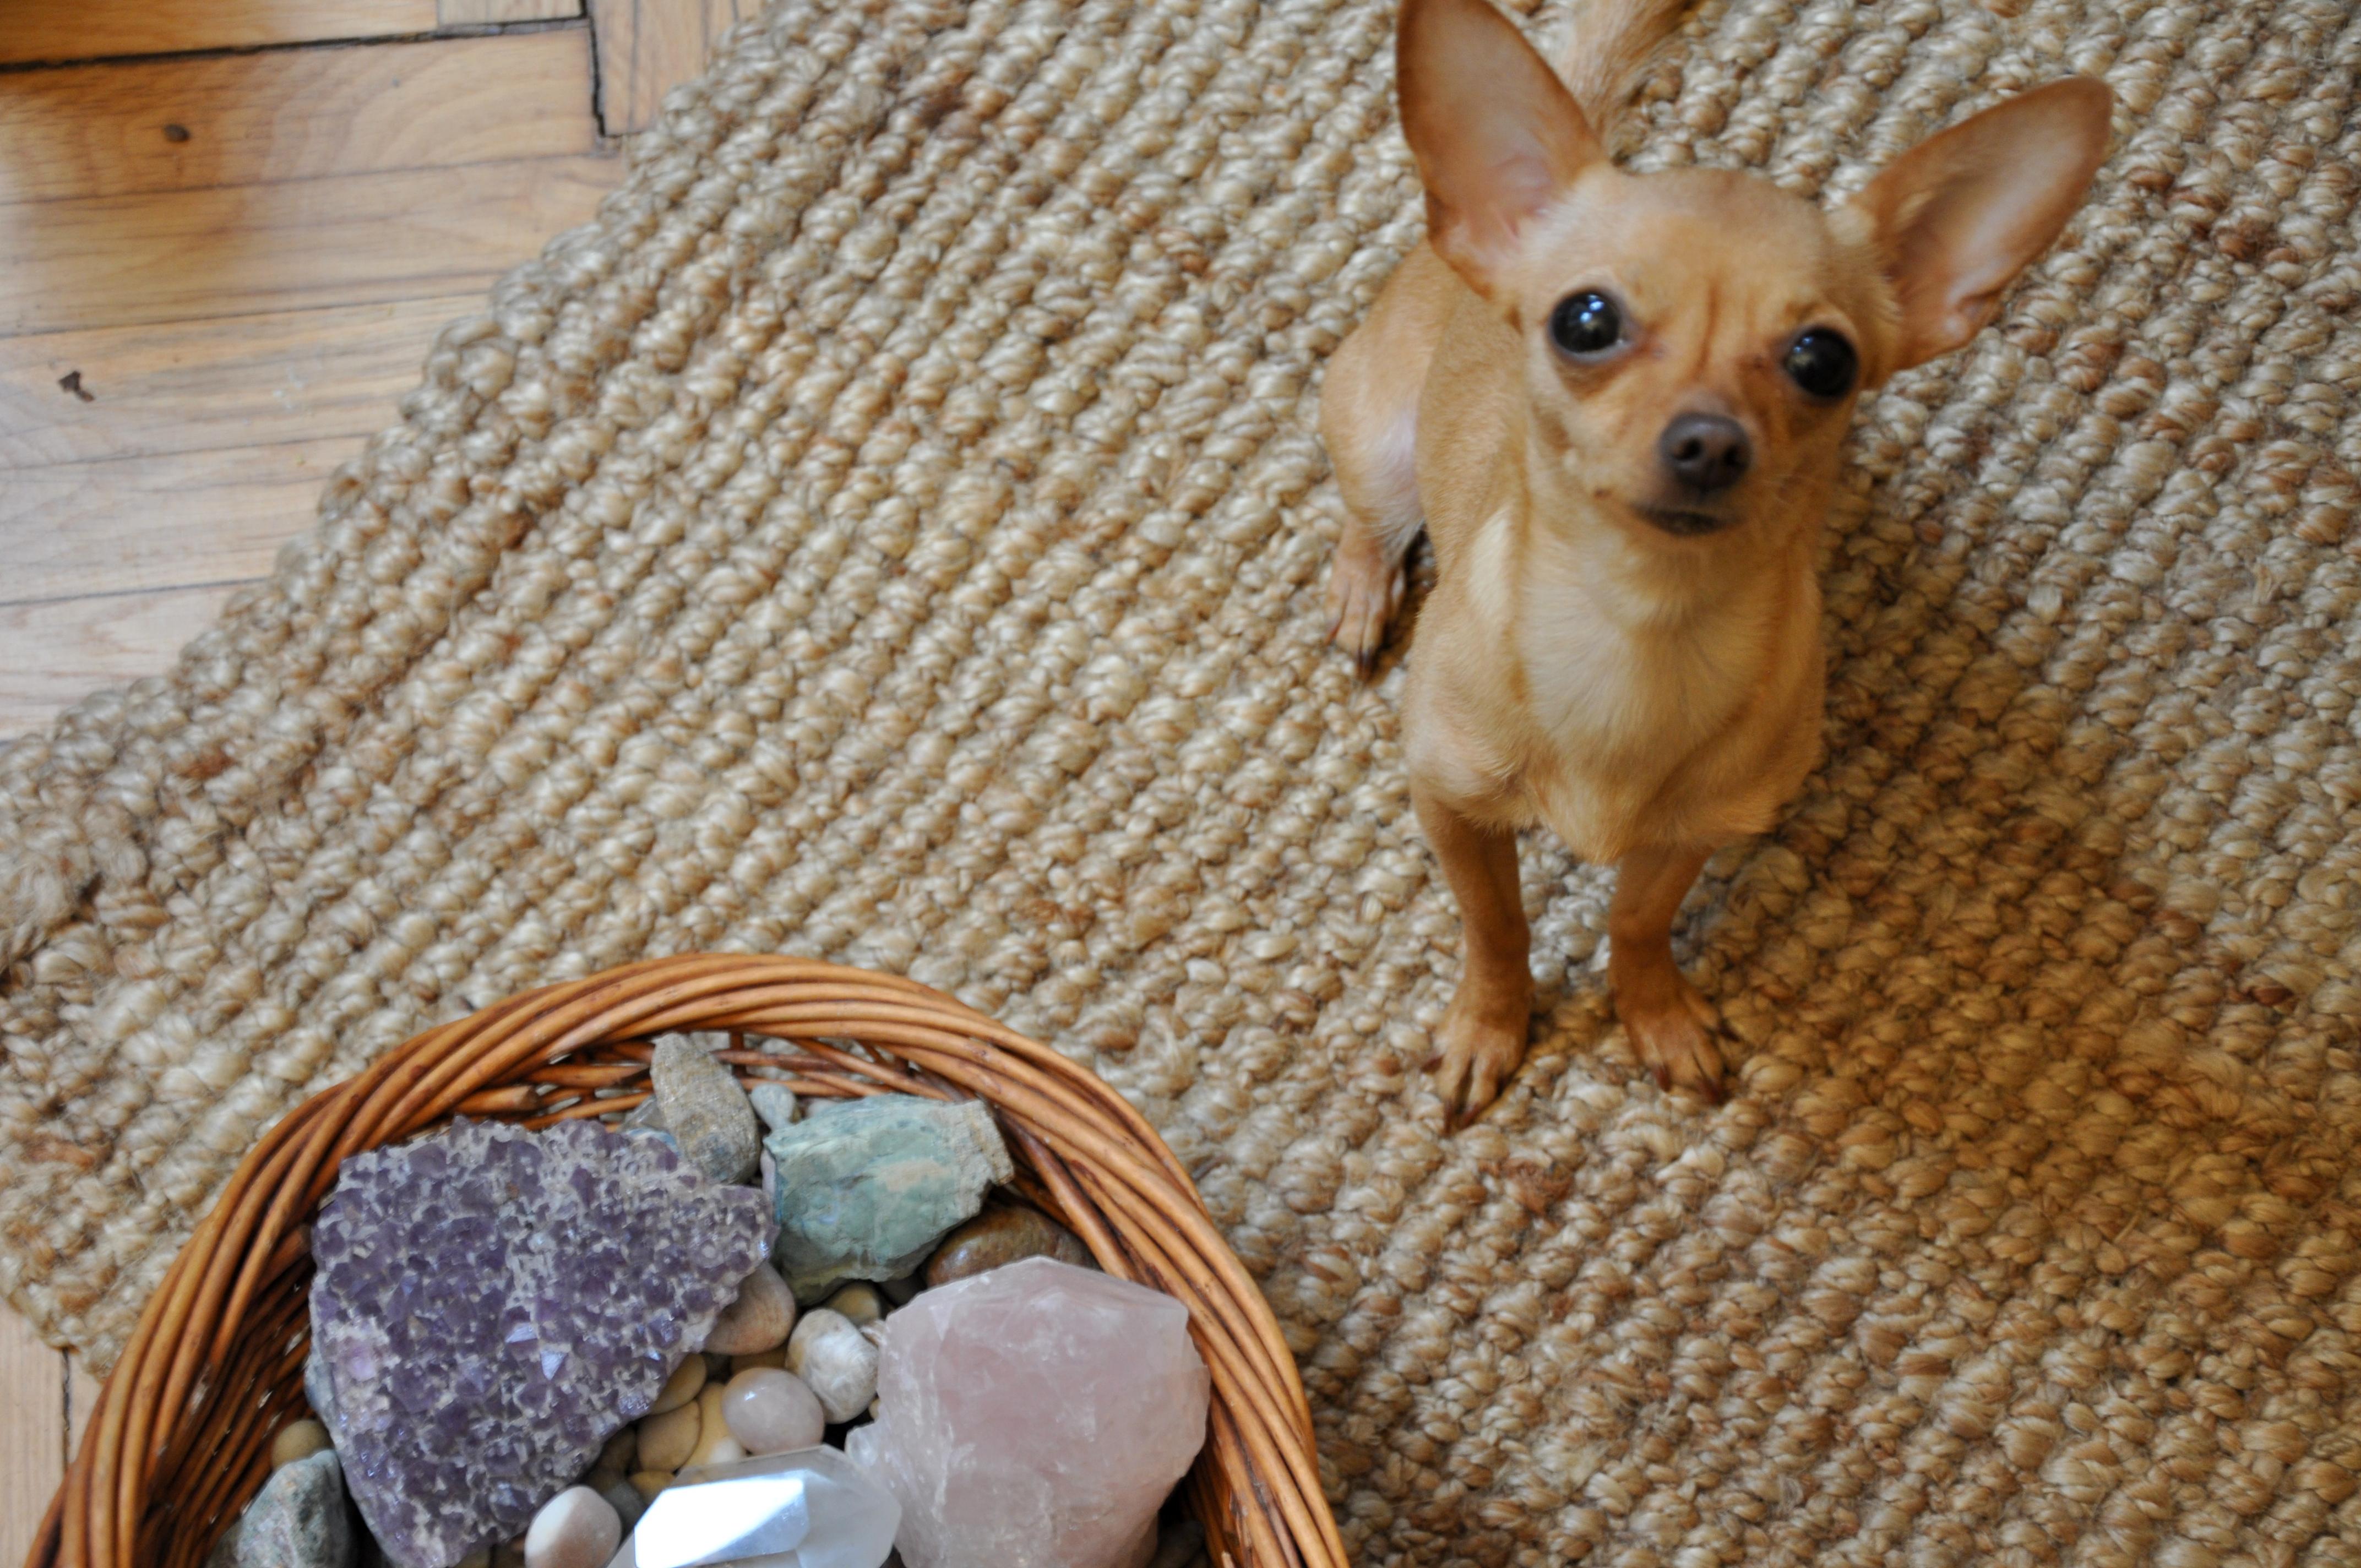 misafirlik köpegimle misafirlikteyim ne yapmalıyım burcu ozcan chihuahua mira 3